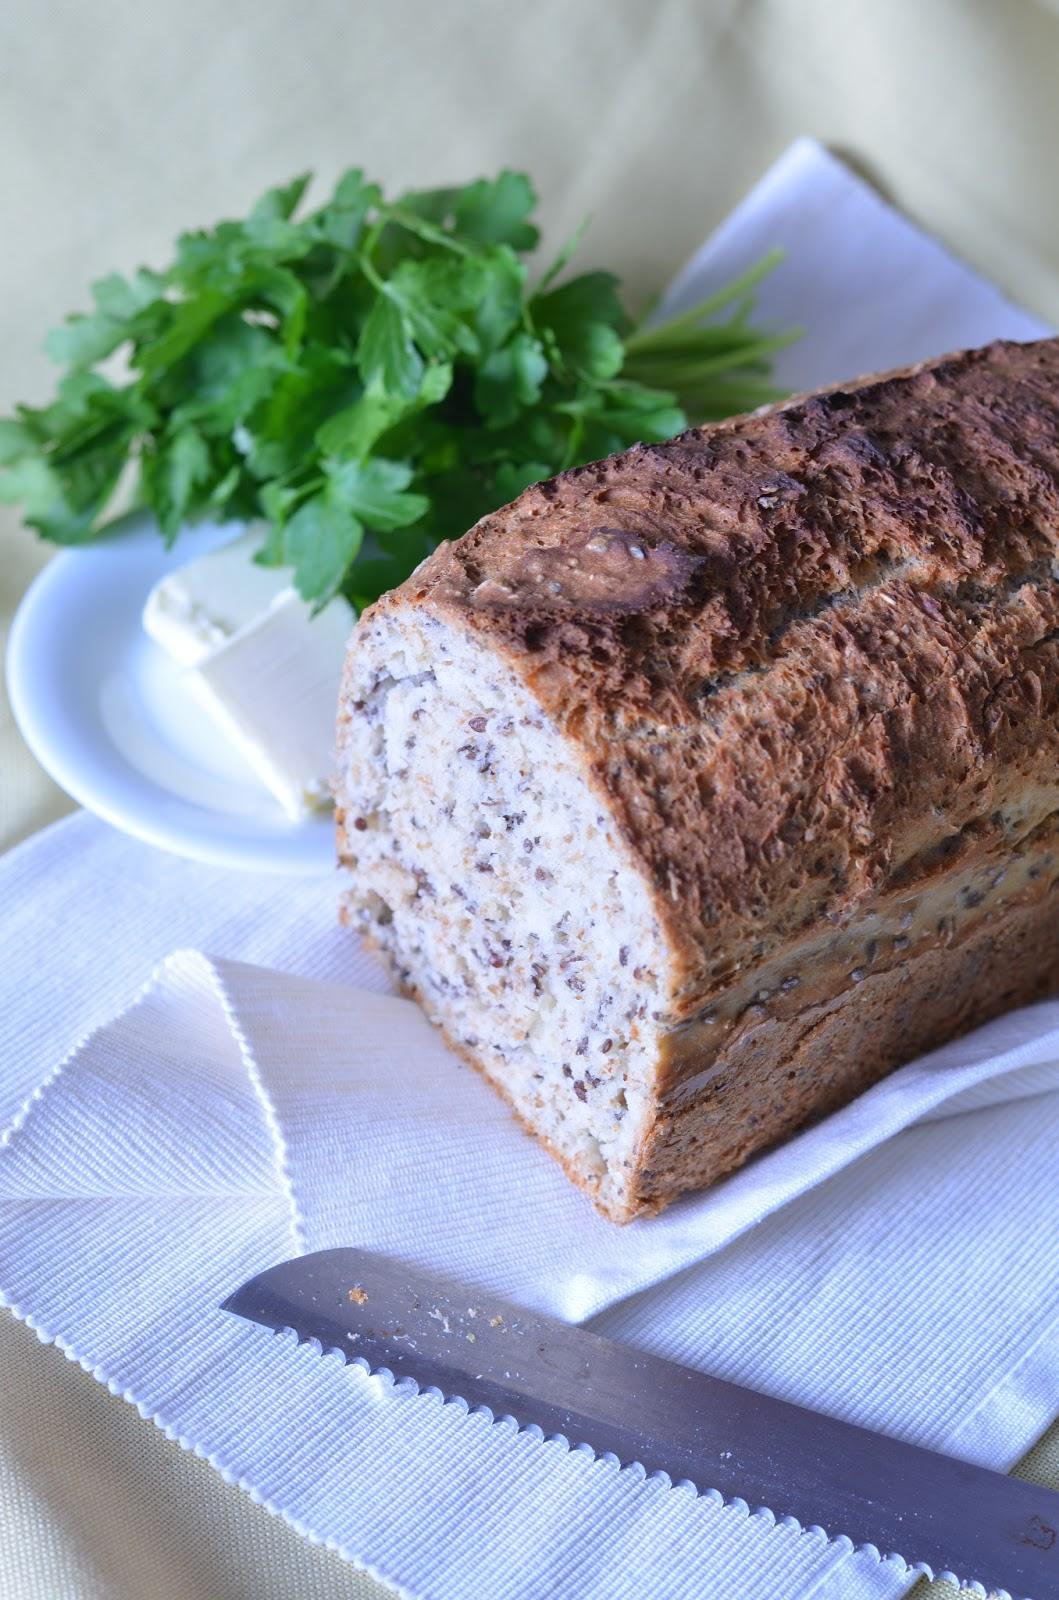 chleb drożdżowy, chleb pszenny, chleb z ziarnami, chleb z otrębami